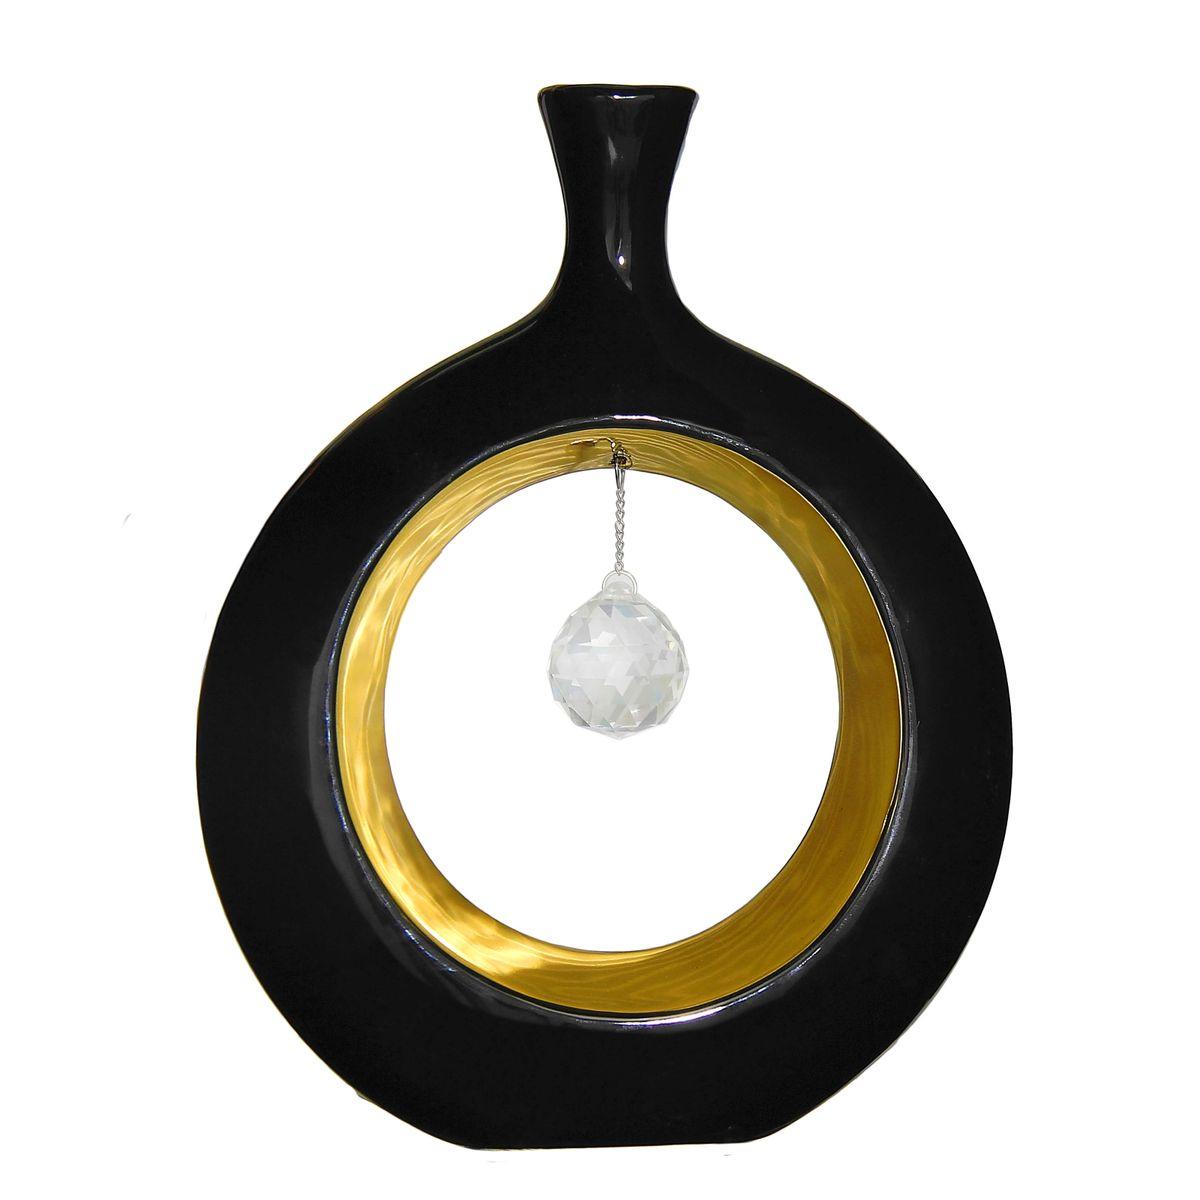 Ваза Sima-land Кристалл. Яблоко, высота 27 см1046142Ваза Sima-land Кристалл. Яблоко, изготовленная из высококачественной керамики, декорирована стеклянным шариком на металлической подвеске. Ваза имеет оригинальную форму в виде яблока и оснащена антискользящими вставками на основании. Изделие предназначено для искусственных цветов. Такая изящная ваза с легкостью впишется практически в любой интерьер. Она станет изумительным подарком, который доставит радость, ведь это не только красивый, но еще и функциональный презент.